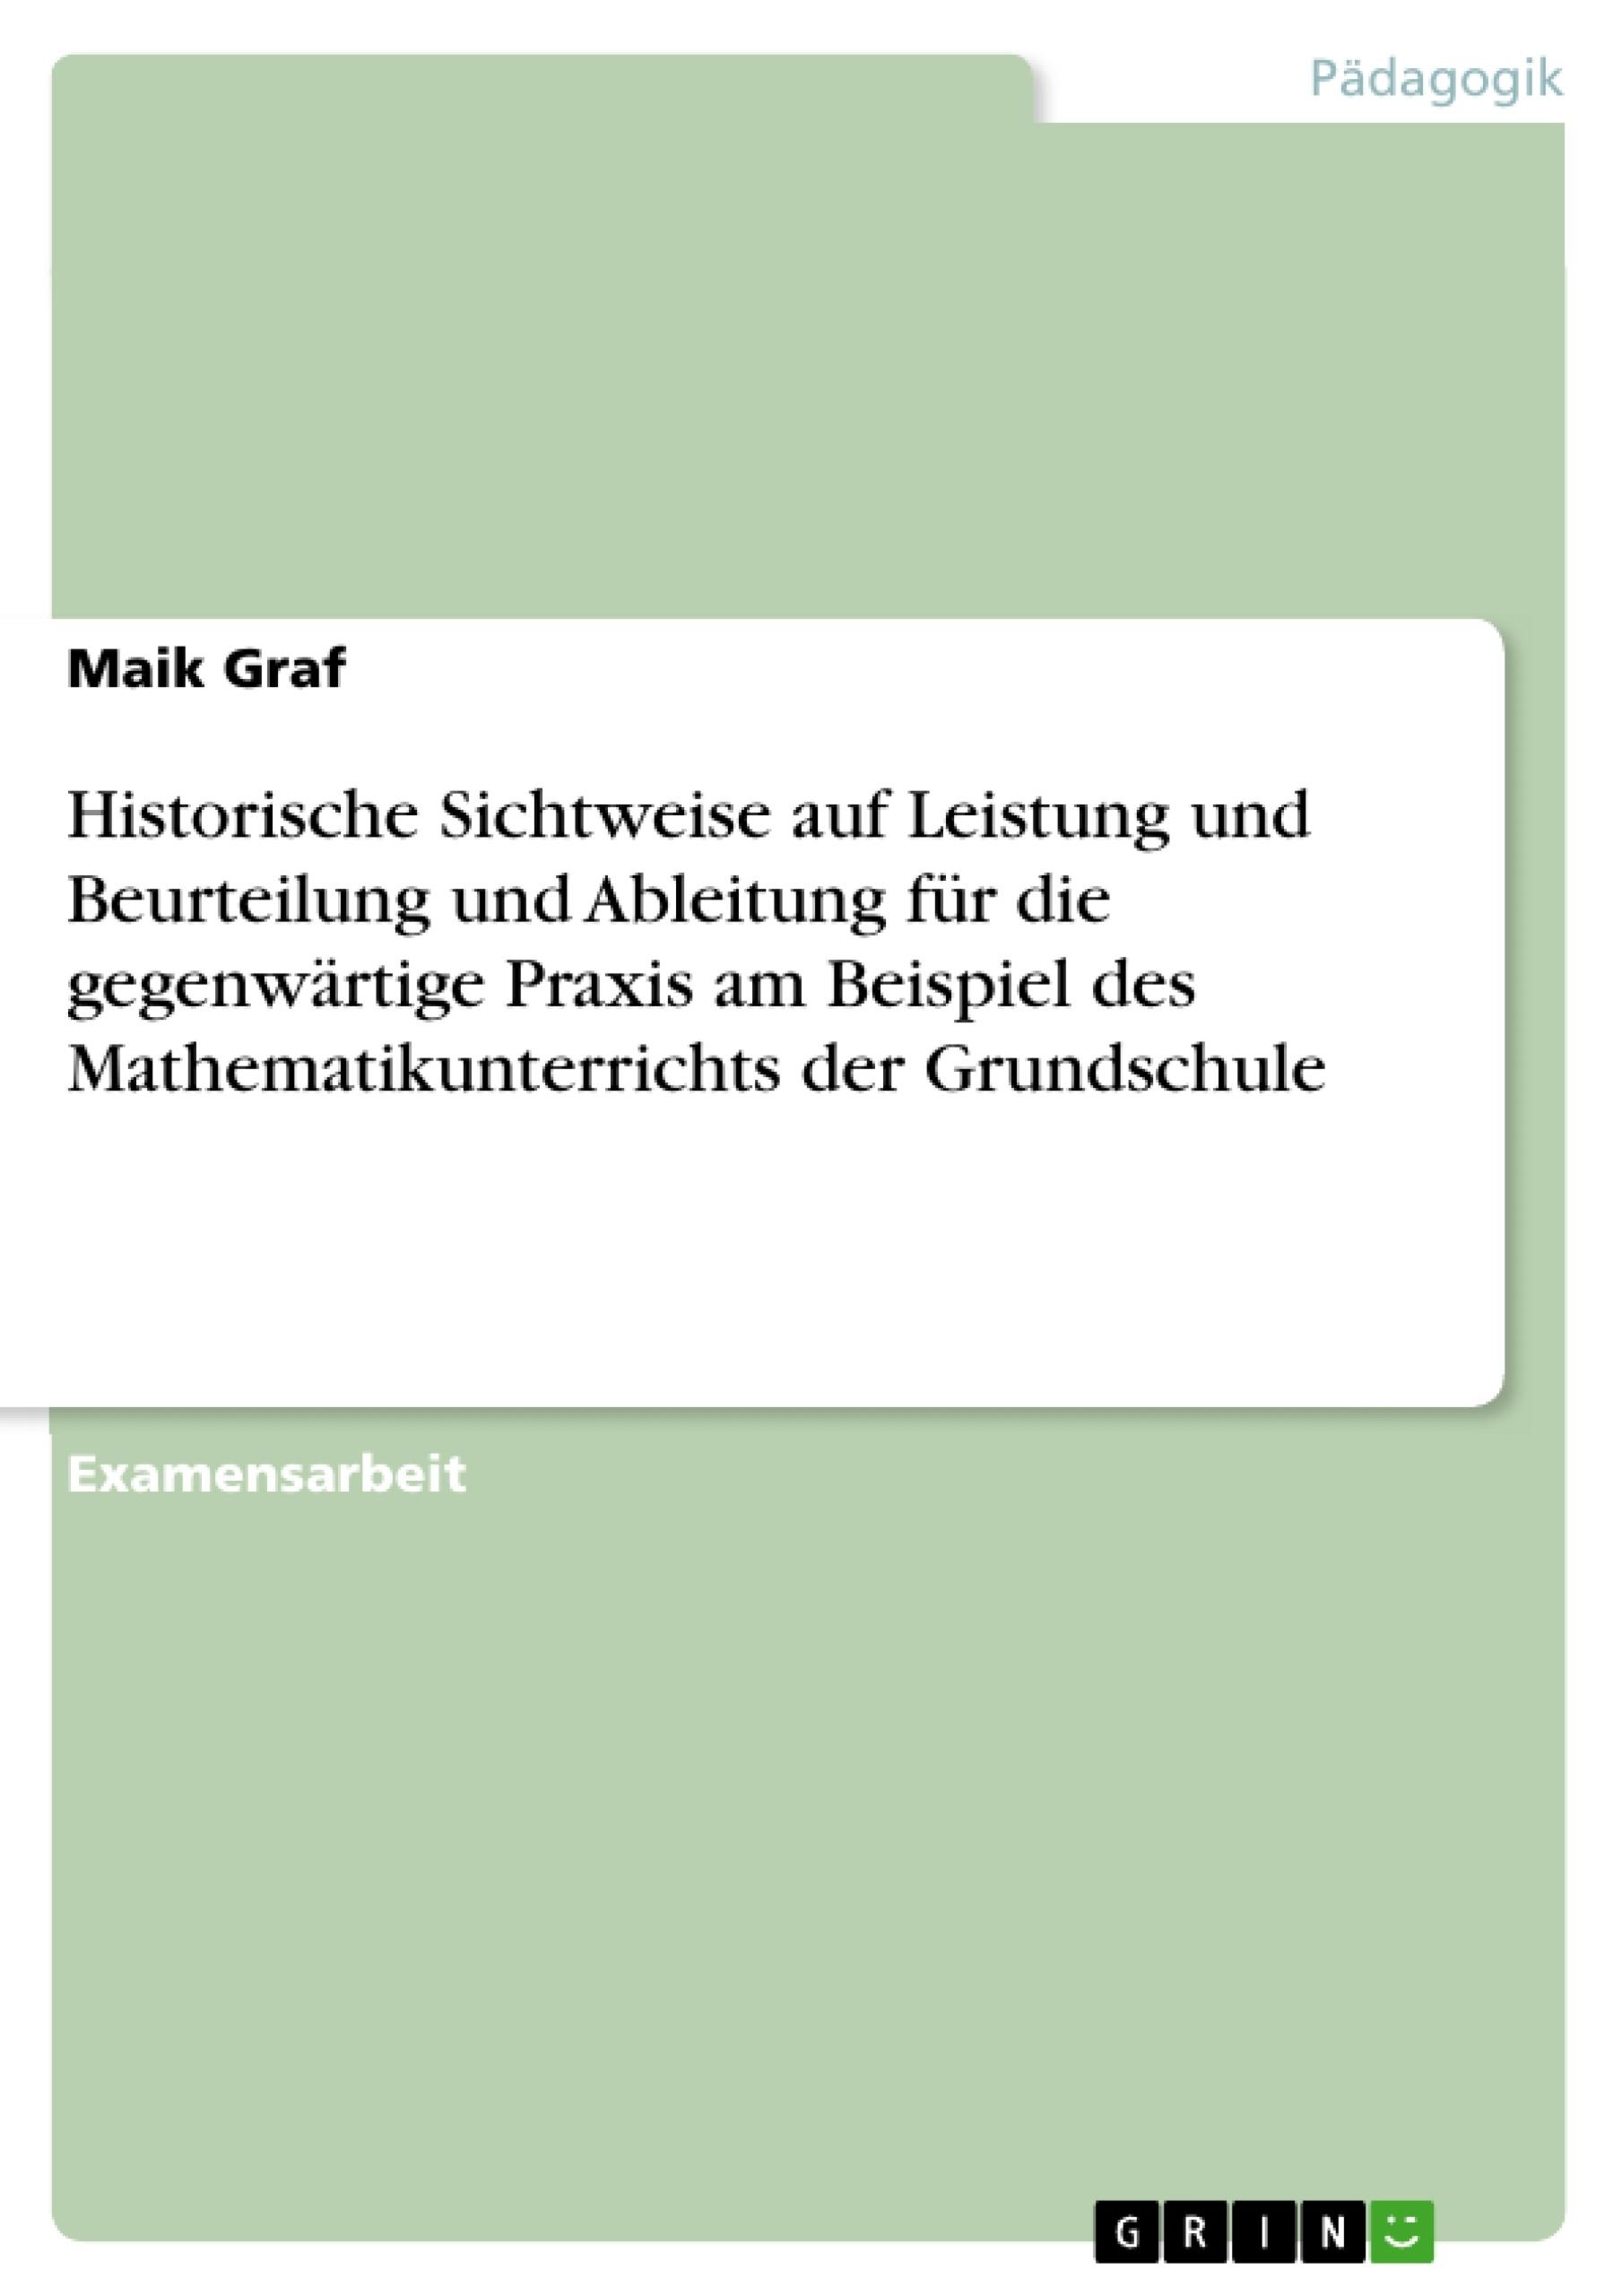 Titel: Historische Sichtweise auf Leistung und Beurteilung und Ableitung für die gegenwärtige Praxis am Beispiel des Mathematikunterrichts der Grundschule